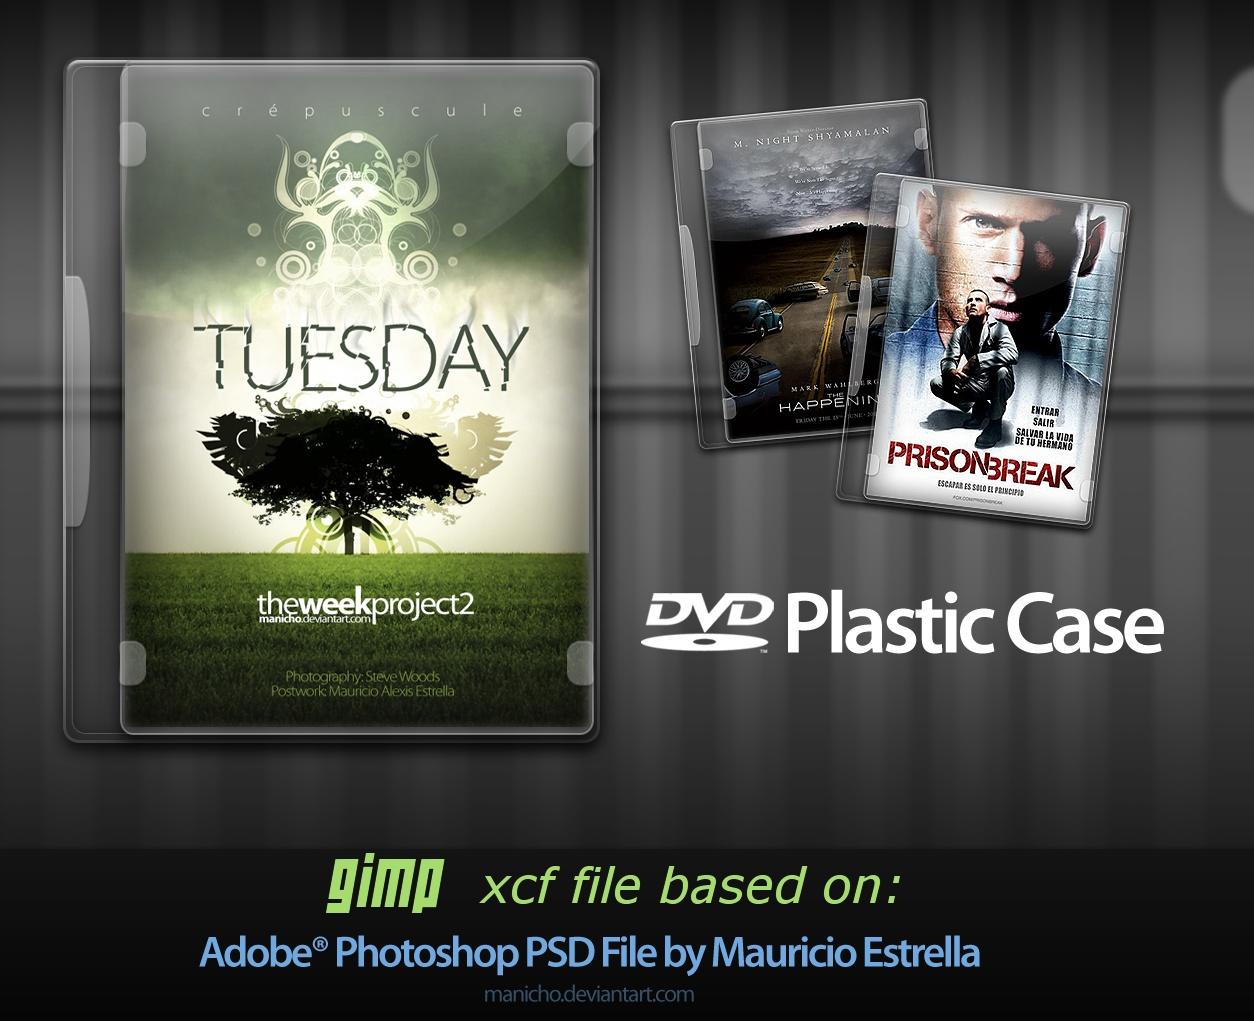 DVD Plastic Case for GIMP